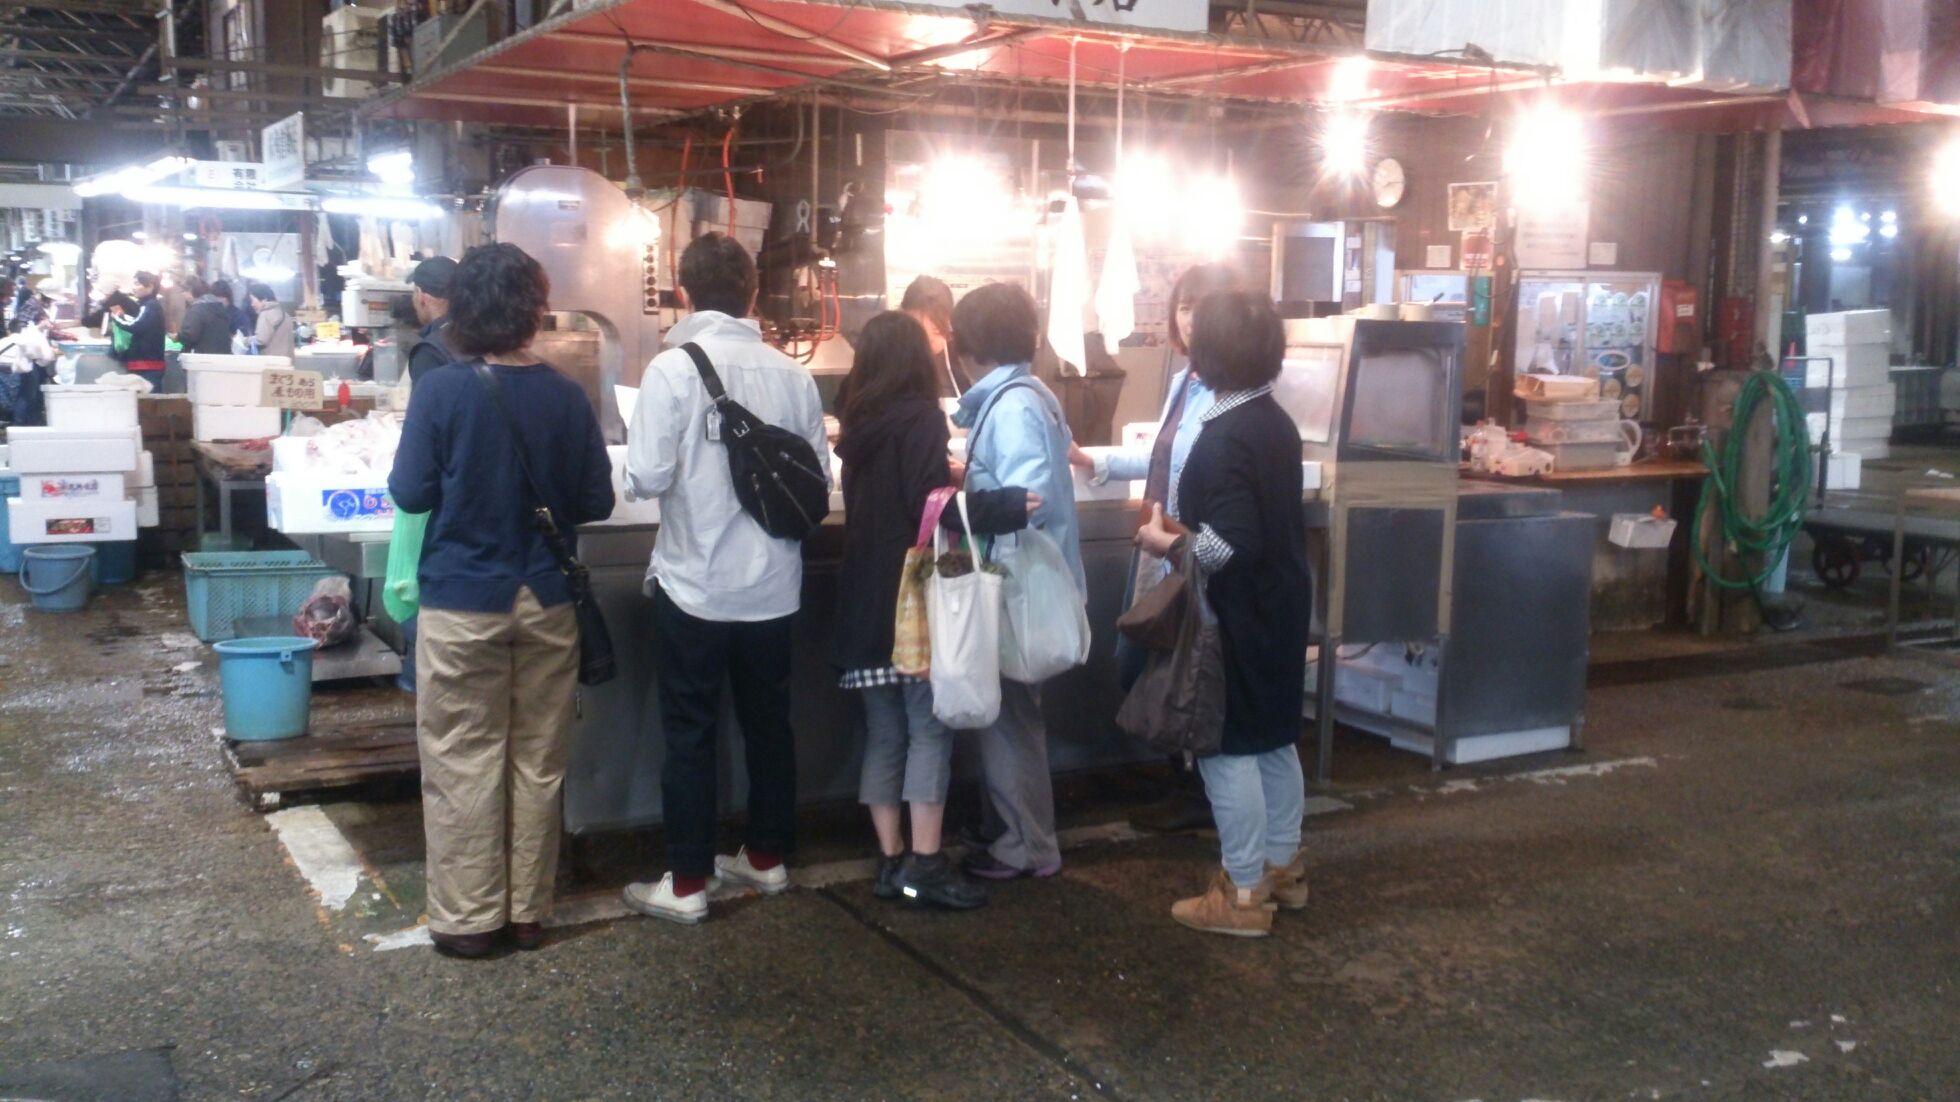 5月12日土曜日市場開放フェアが開催されました。